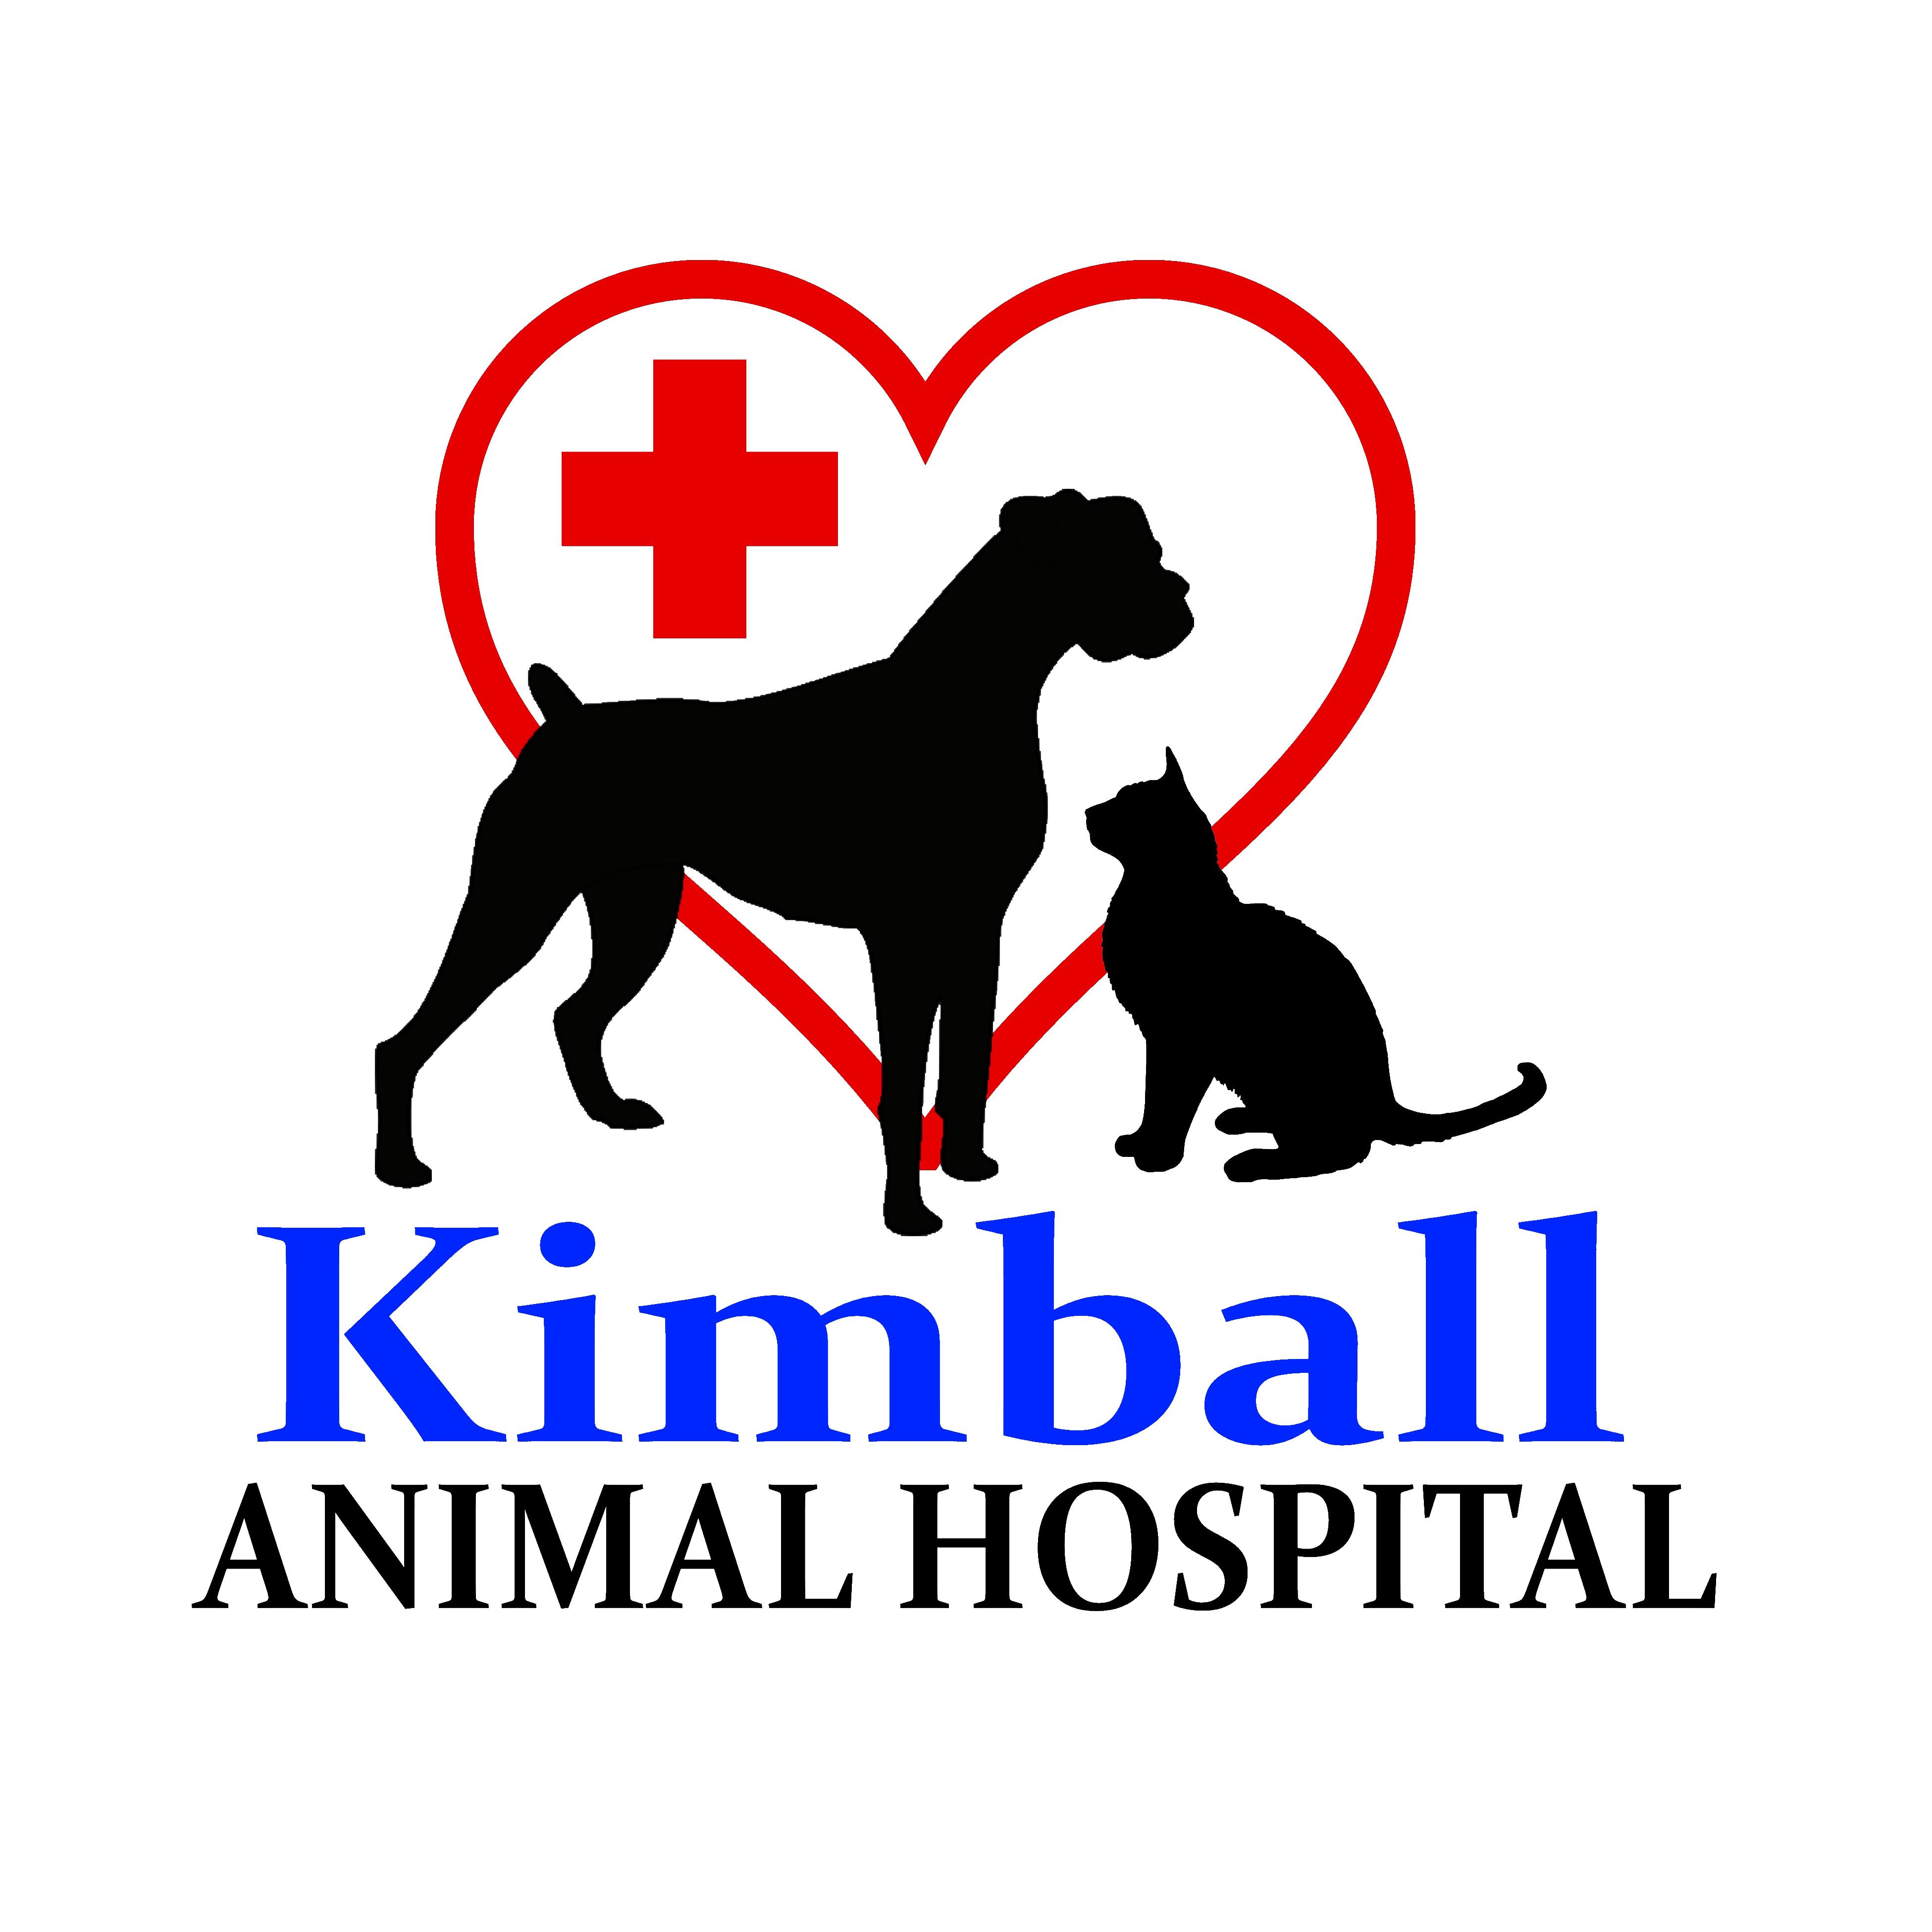 Kimball Animal Hospital